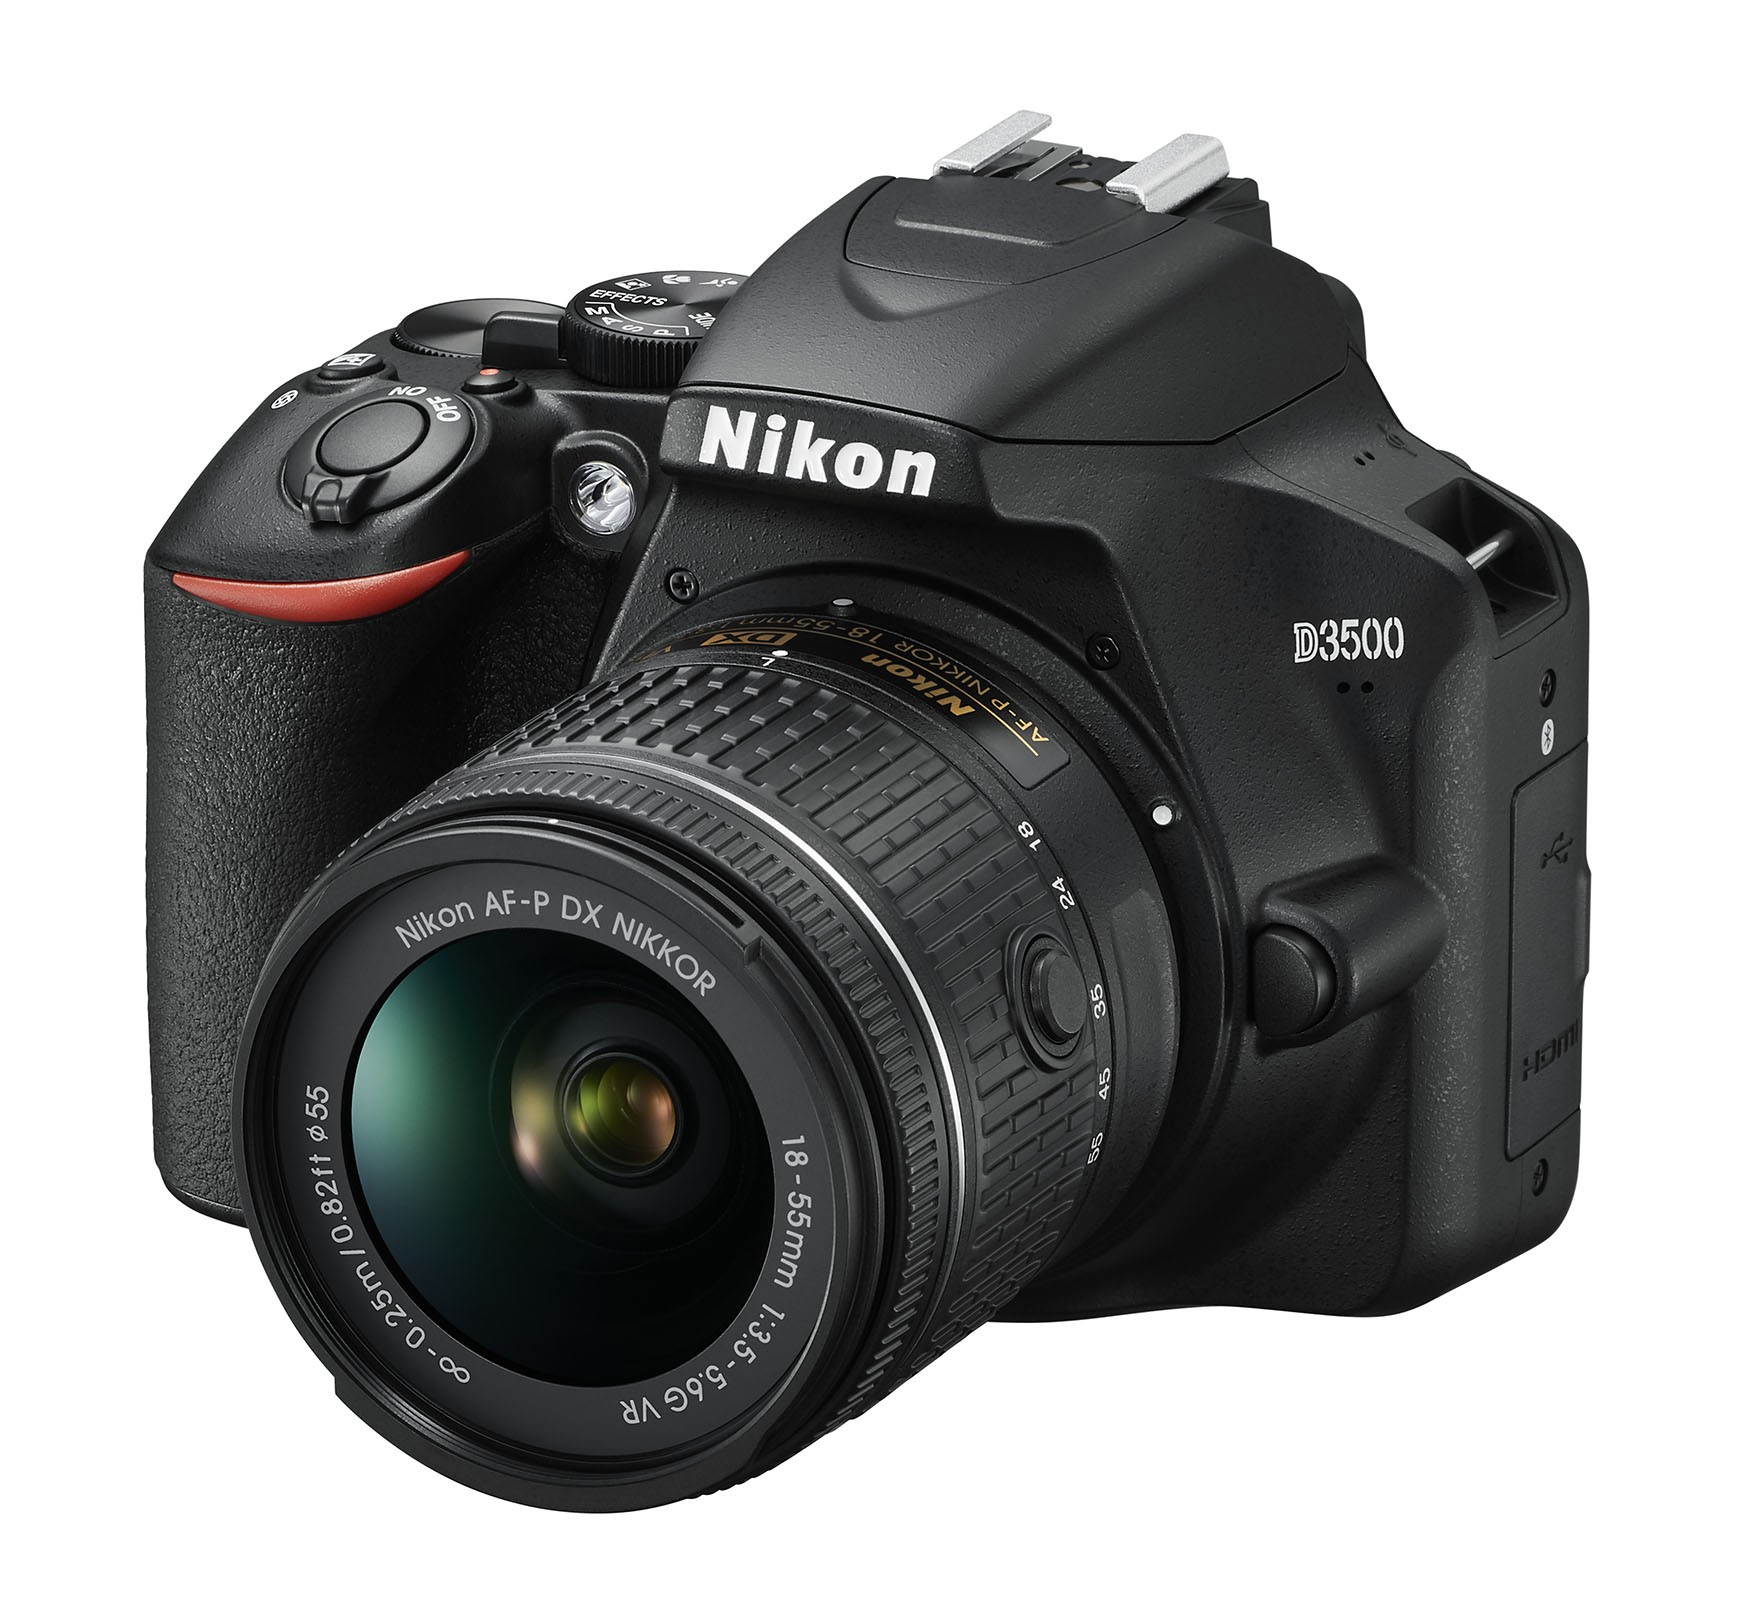 La Nikon D3500 è la reflex entry level di livello premium che, grazie al Modo Guida, permette di ottenere foto di qualità in modo semplice e intuitivo anche a chi è alle prime armi.